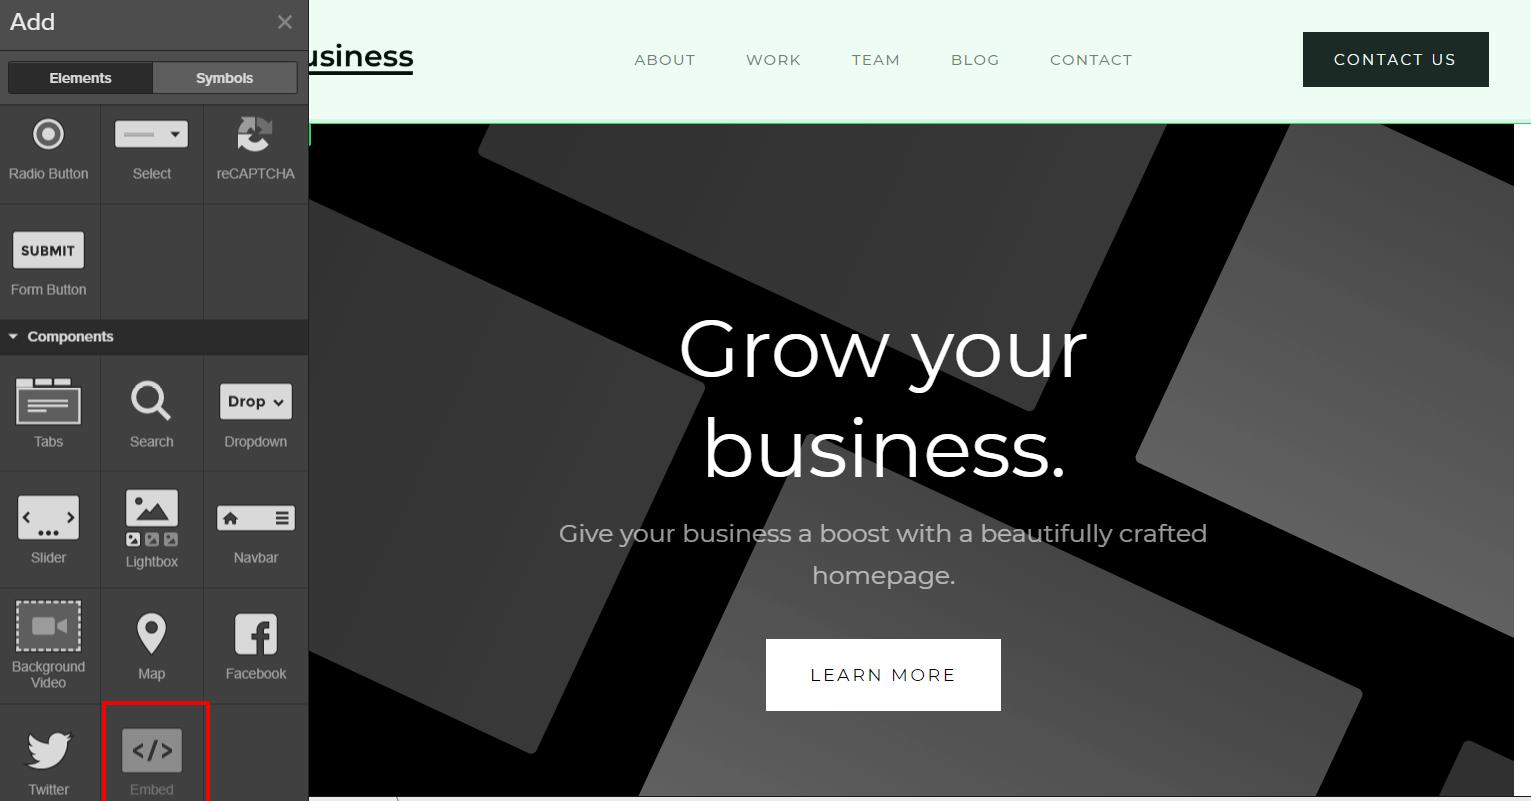 webflowmbedelement 1